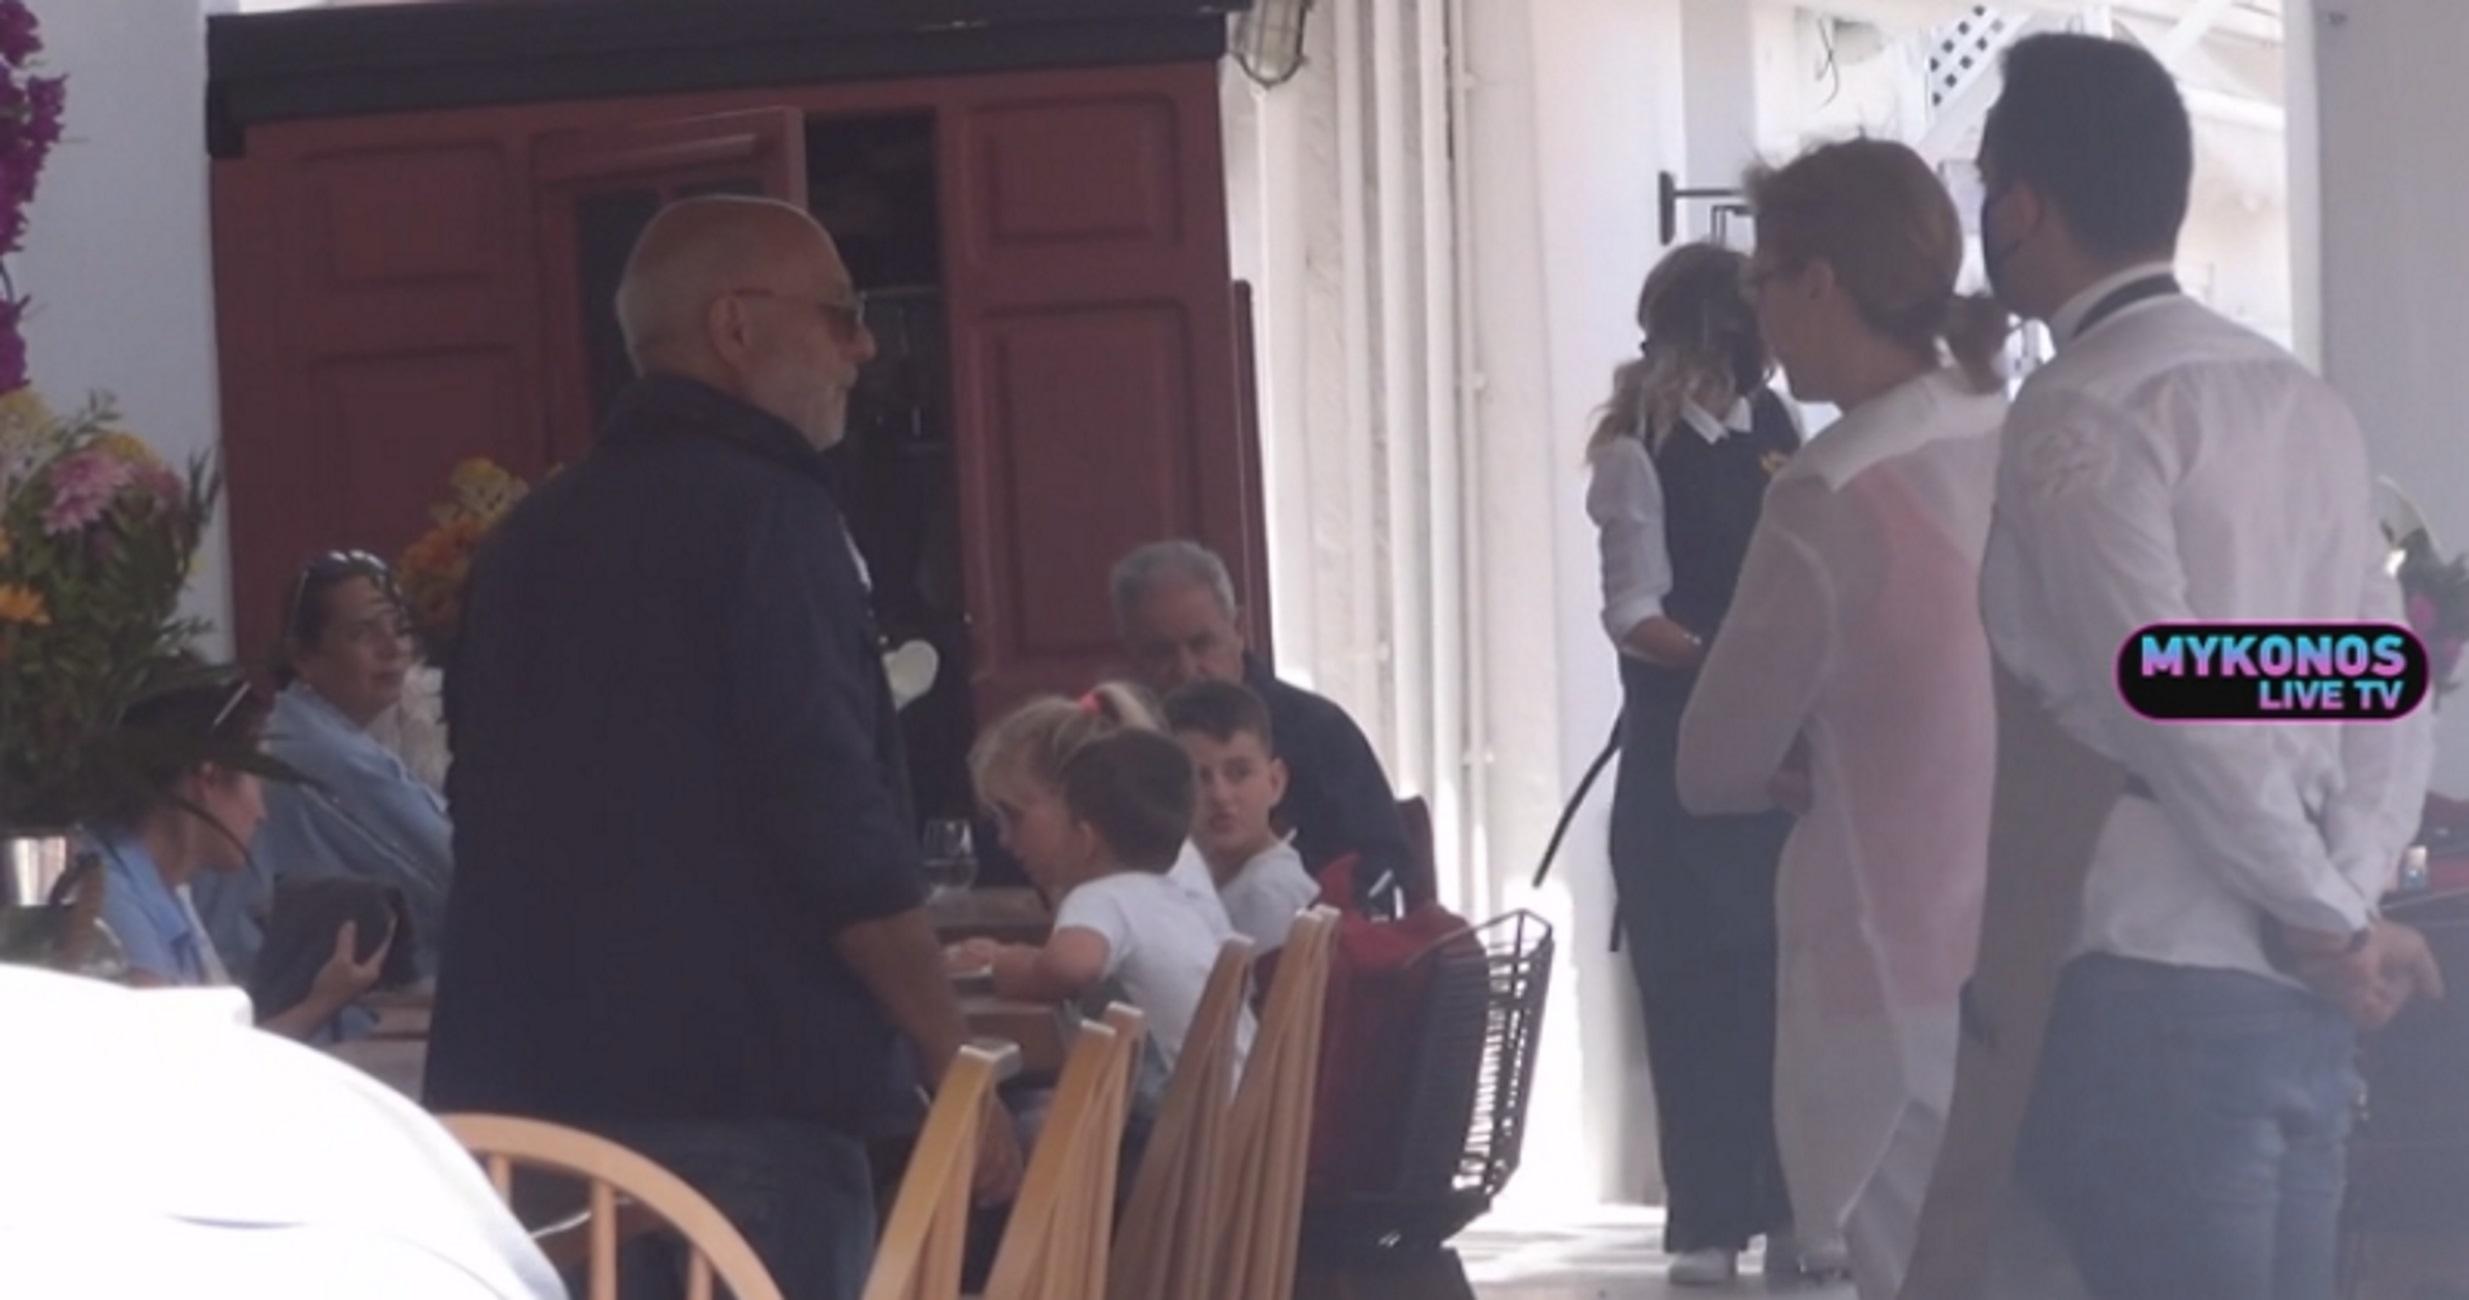 Μύκονος: Έτσι παίρνουν μπροστά οι μηχανές! Μέσα σε καταστήματα της Μικρής Βενετίας (Βίντεο)